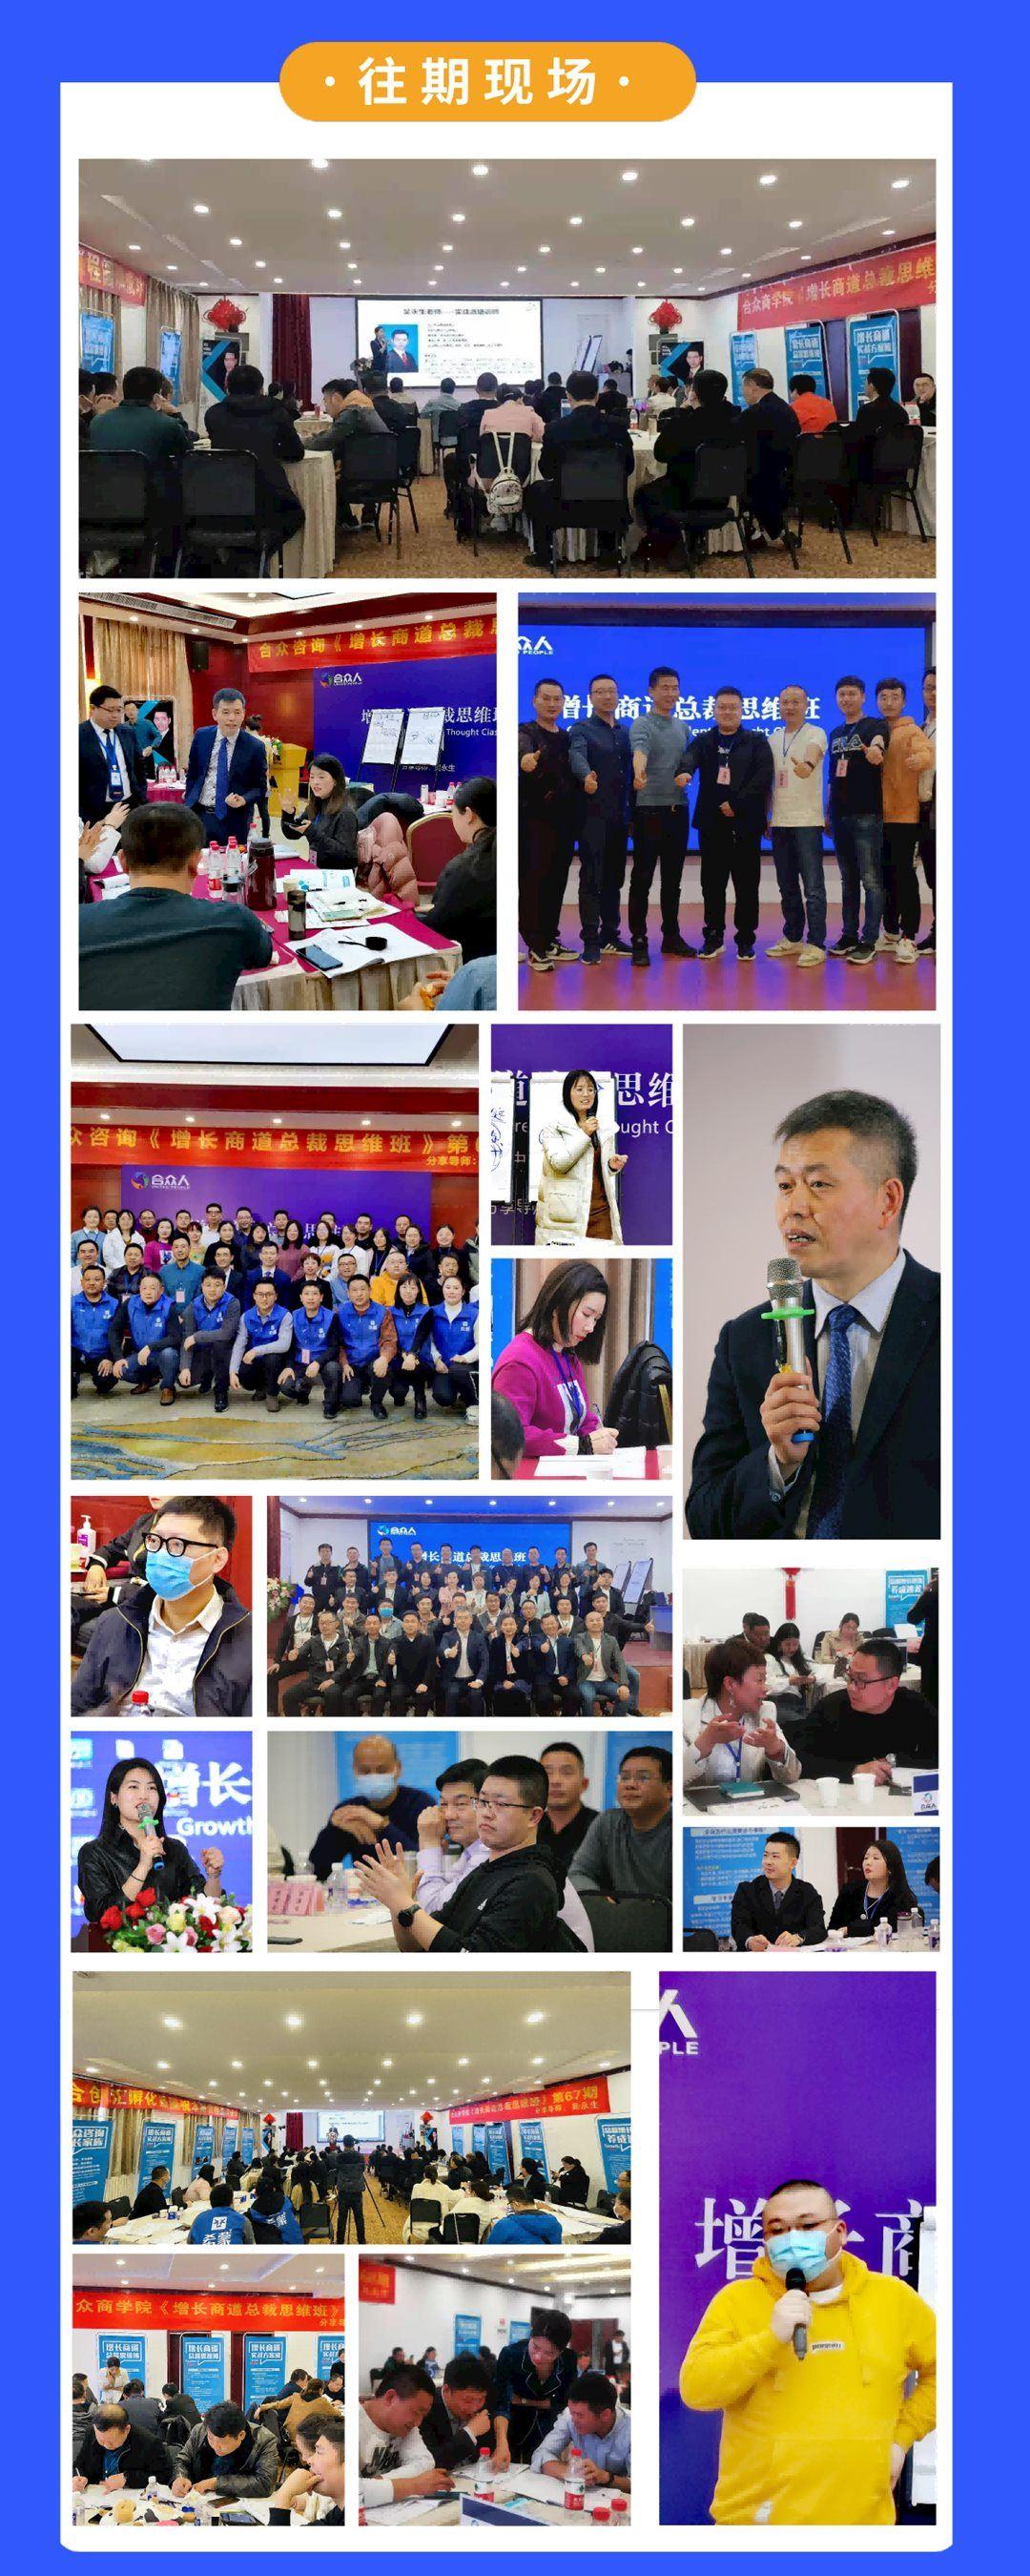 默认标题_长图海报_2021-04-19-0(1)(1).png